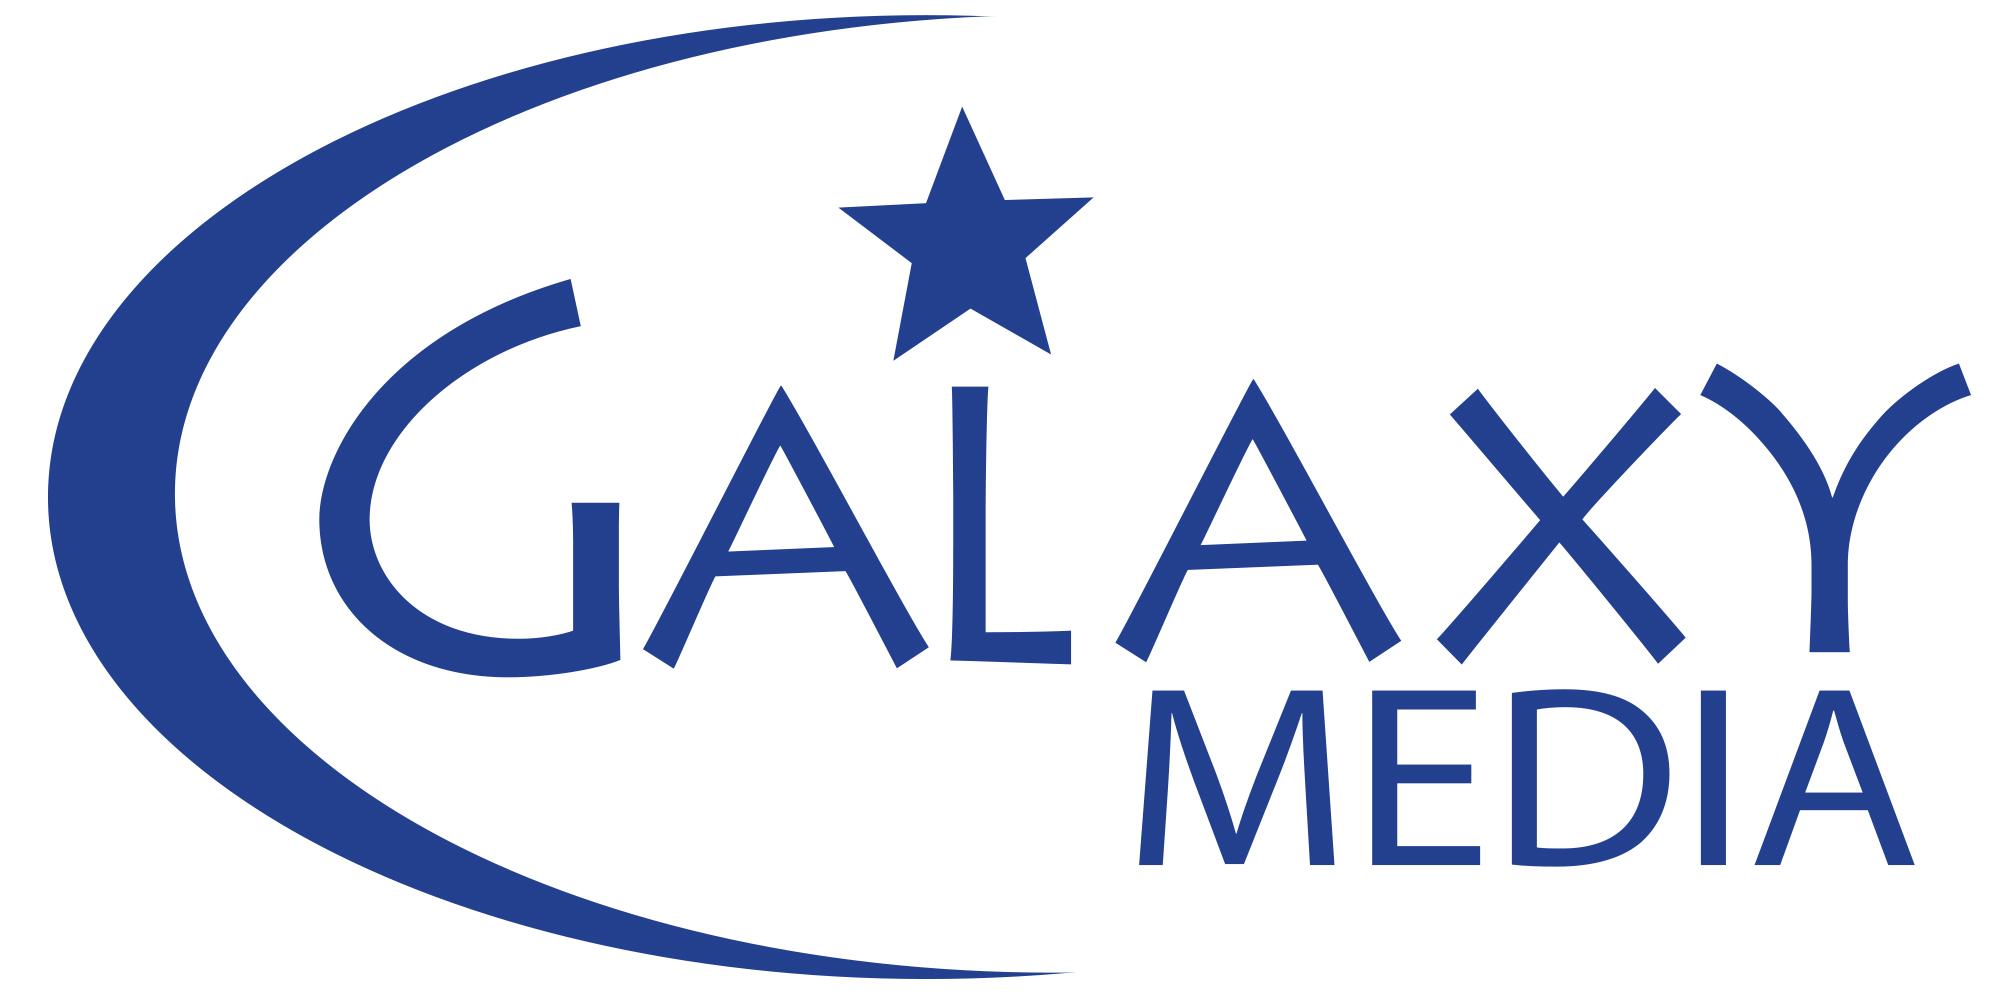 Galaxy Media 2018.jpg